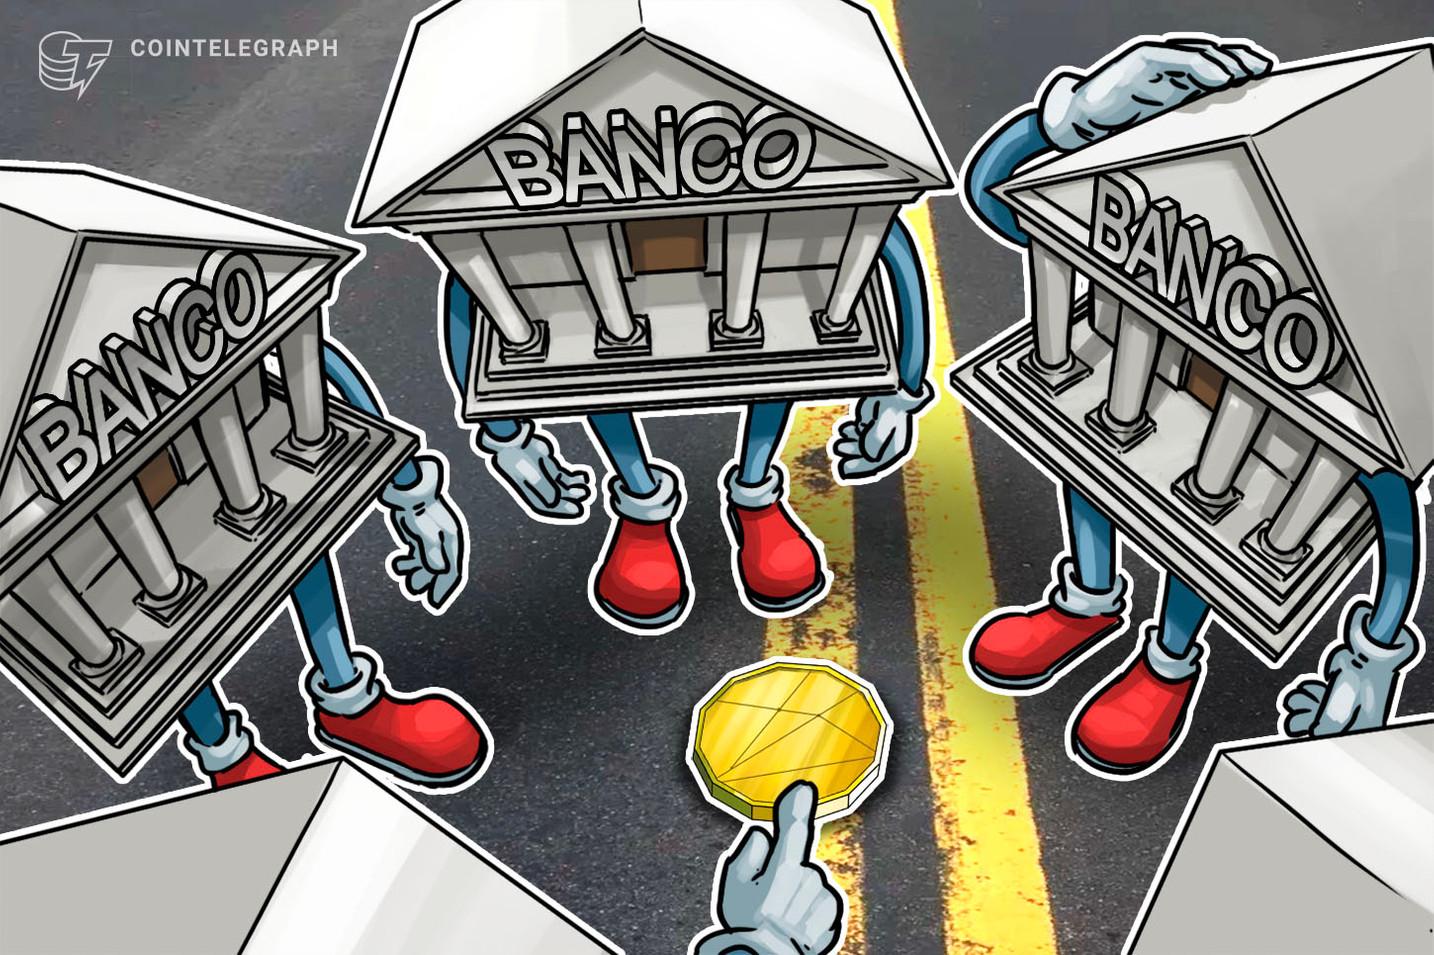 Número de usuários de bancos digitais no Brasil cresce mais de 130% em 2020